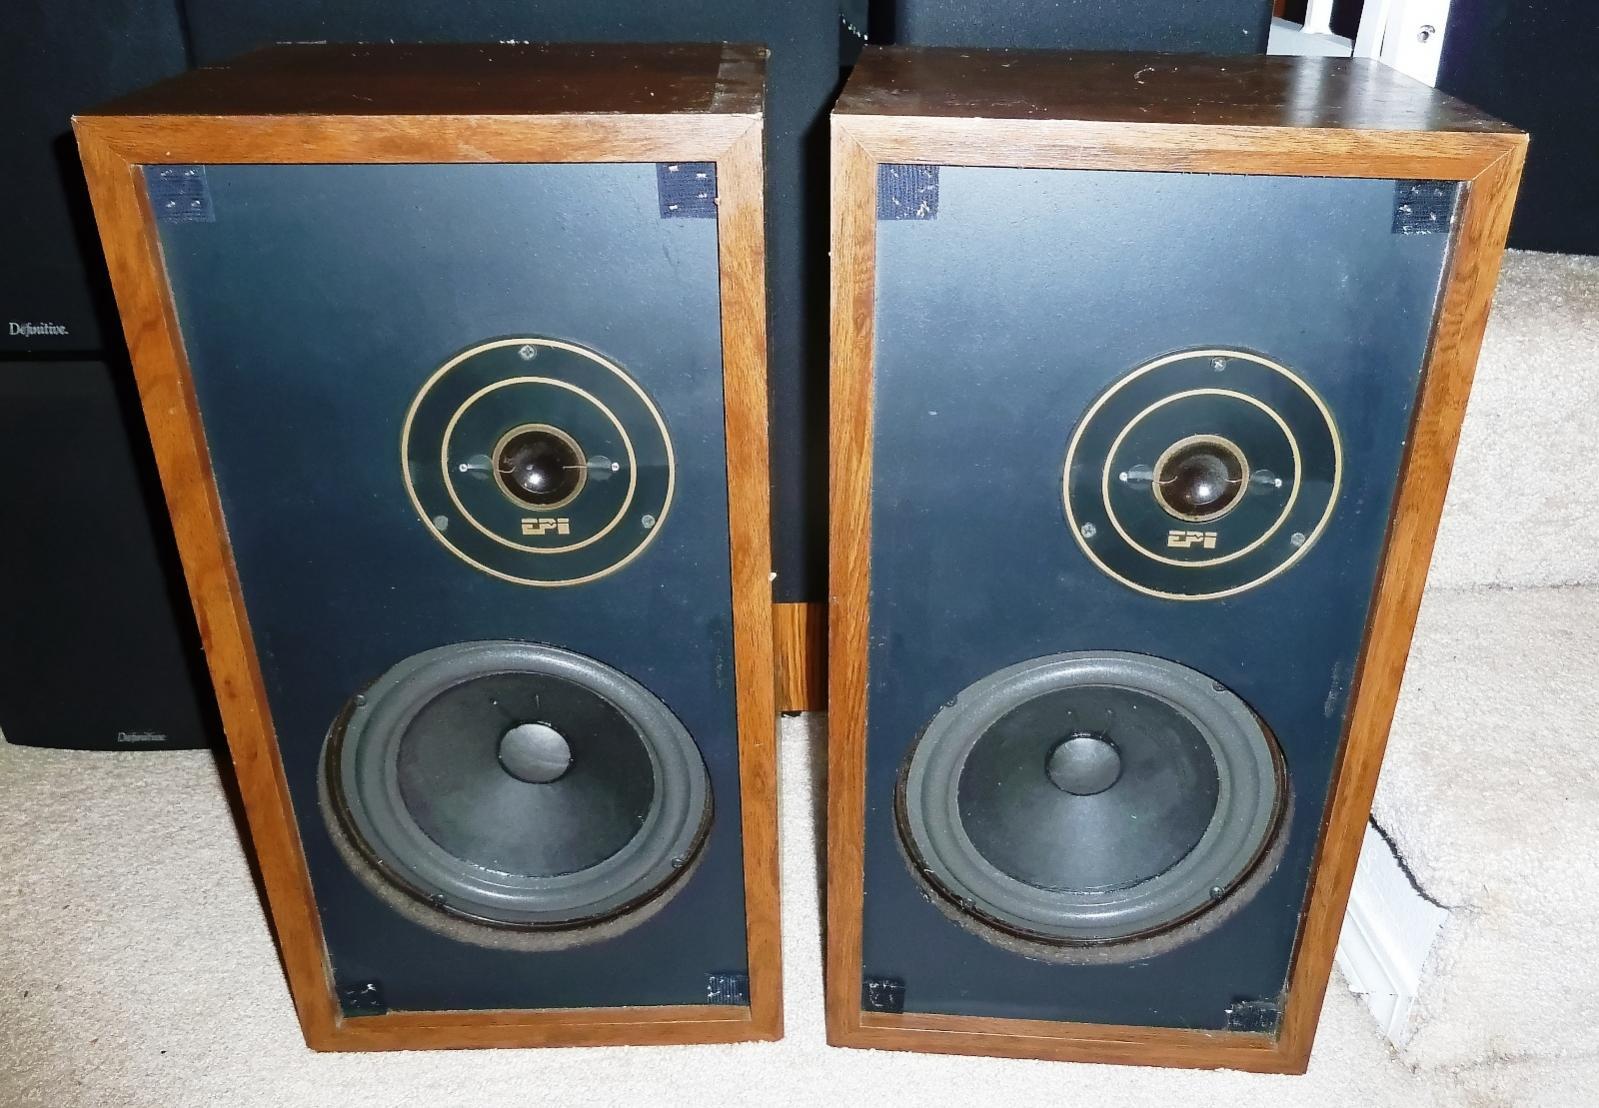 FS: Vintage EPI Epicture 100v speakers - refoamed and capacitor